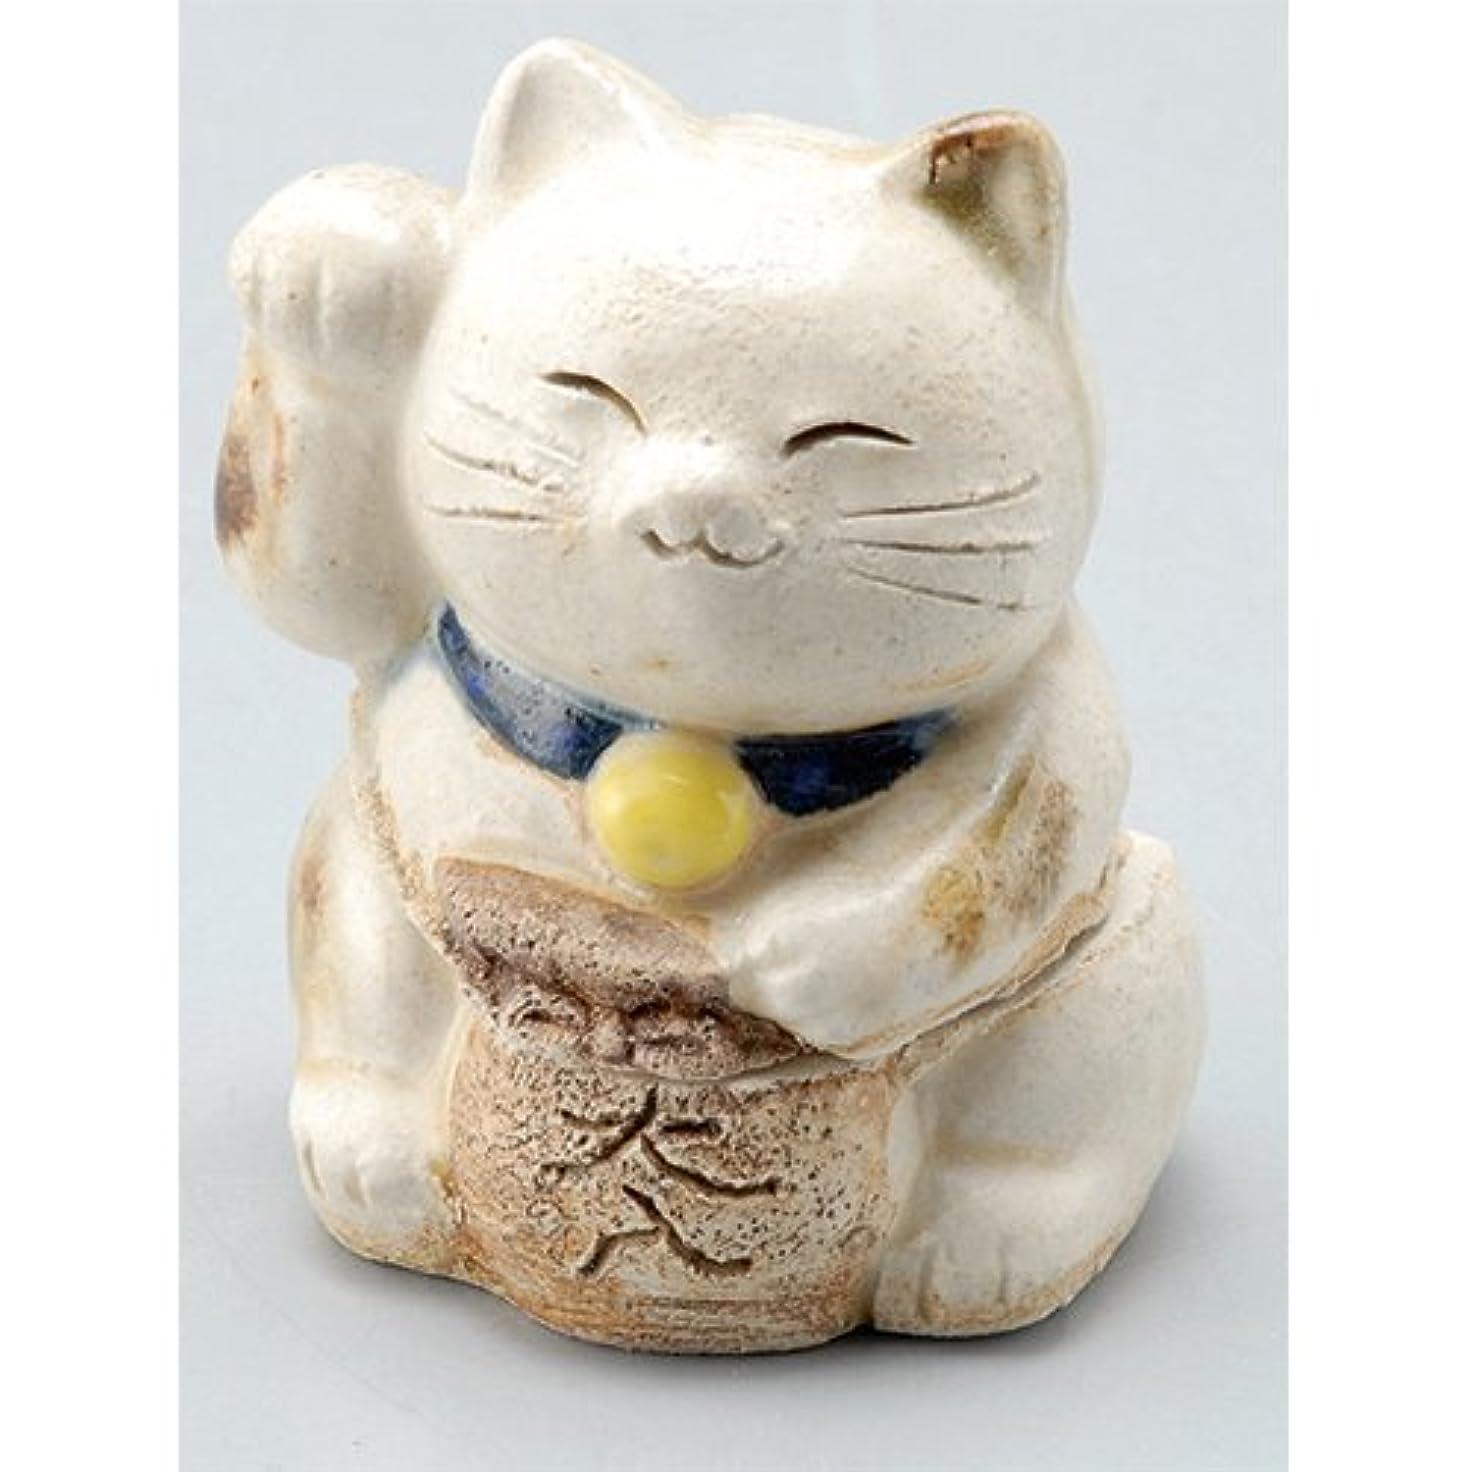 赤ちゃん垂直慈悲深い香炉 飾り香炉(招き猫) [H7cm] HANDMADE プレゼント ギフト 和食器 かわいい インテリア